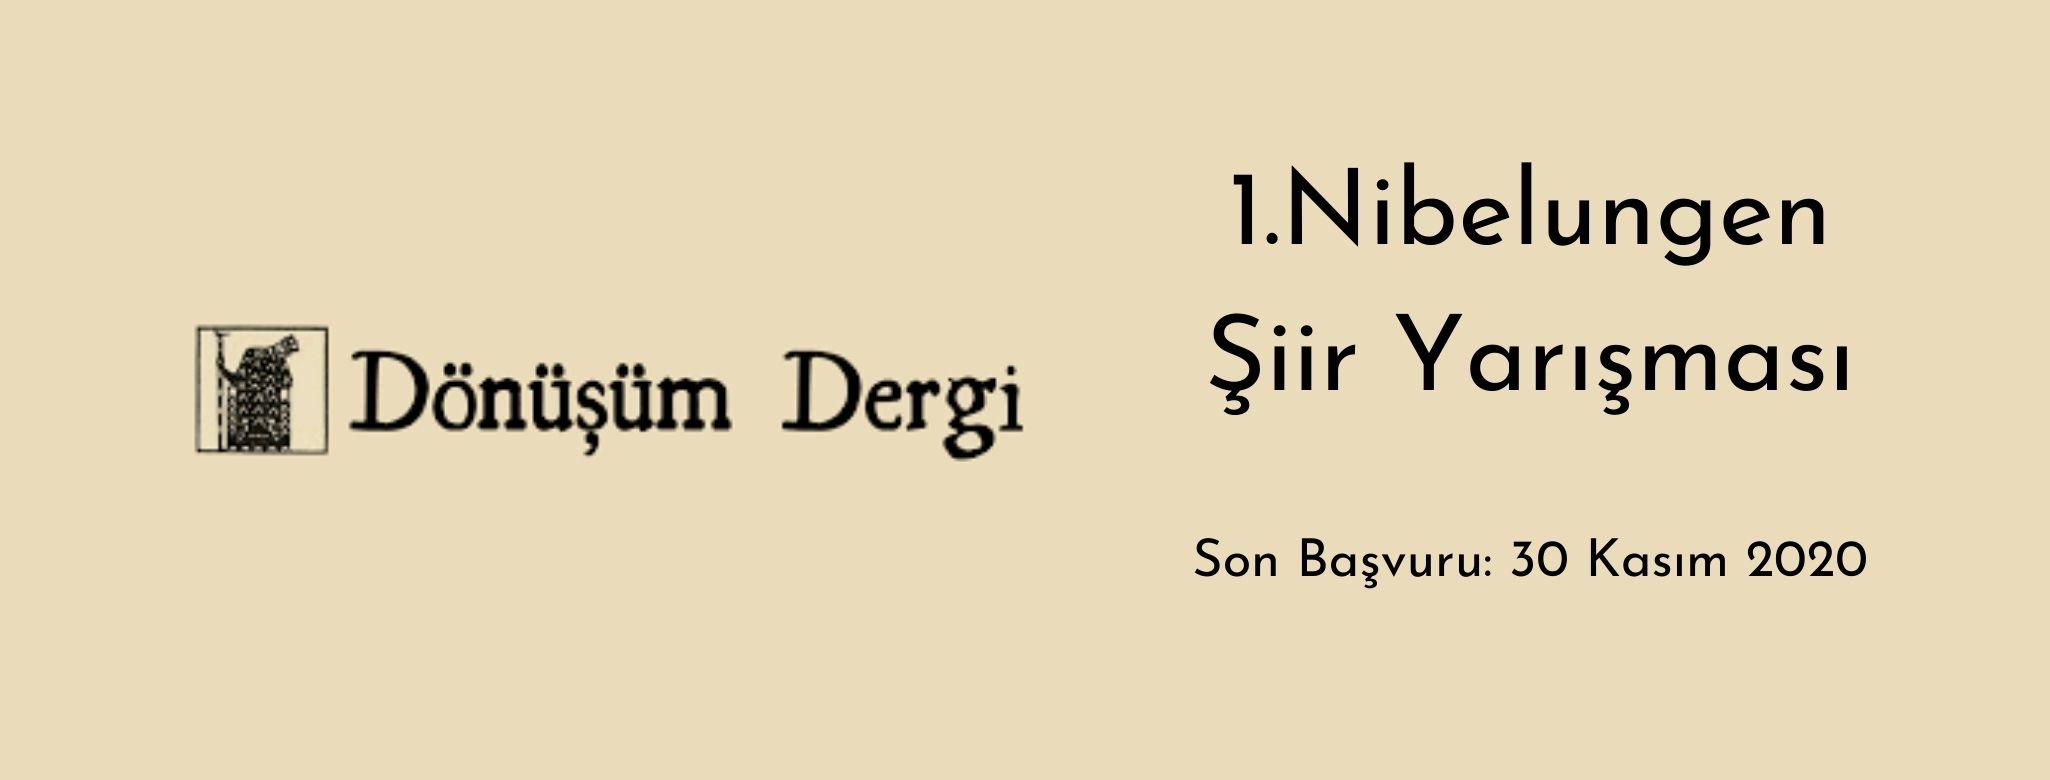 1. Nibelungen Şiir Yarışması